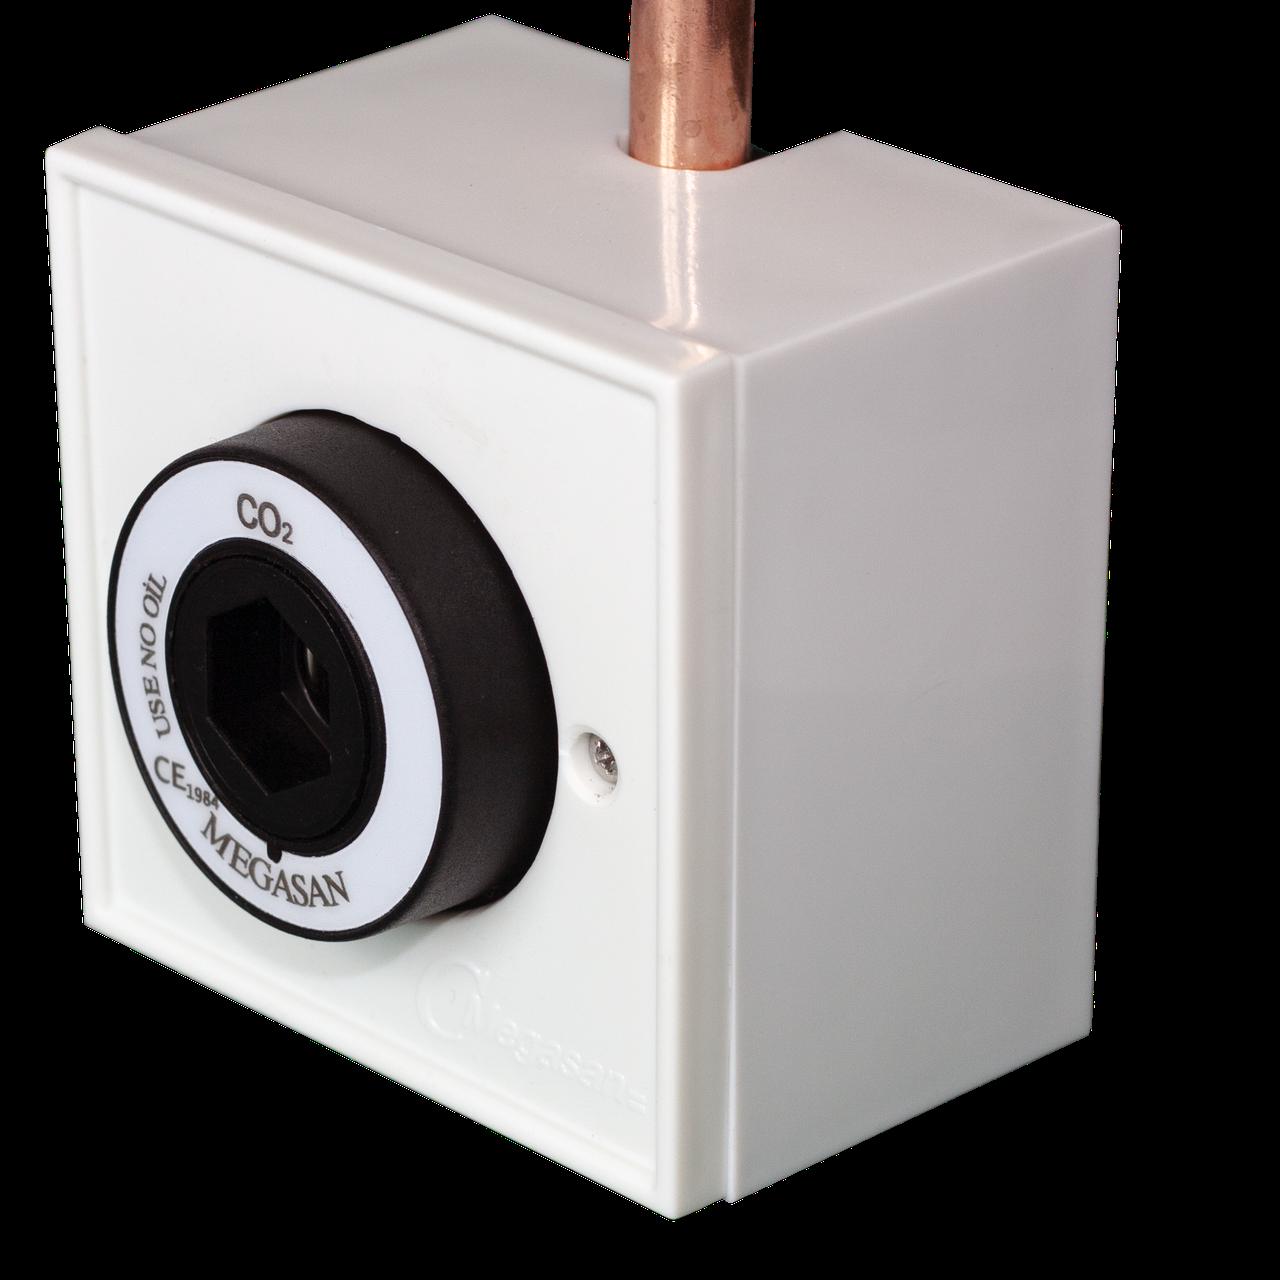 Розетка газовая, в корпусе, углекислый газ - DIN - пневматическая 8 мм